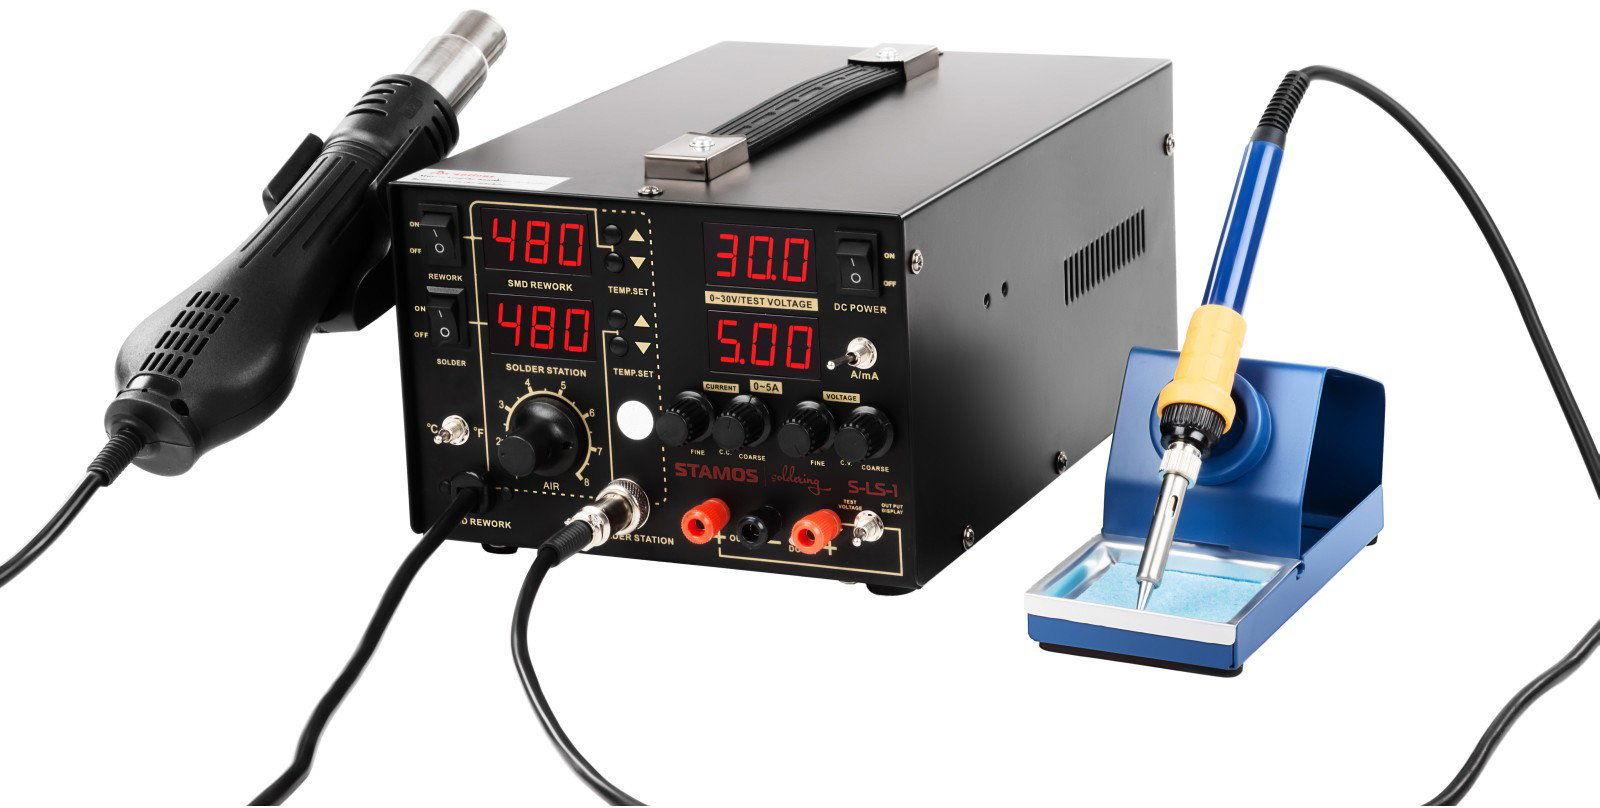 Stacja lutownicza - 75 W - 2 x kolba - zasilacz - 4 x LED - Stamos Soldering - S-LS-1 - 3 lata gwarancji/wysyłka w 24h